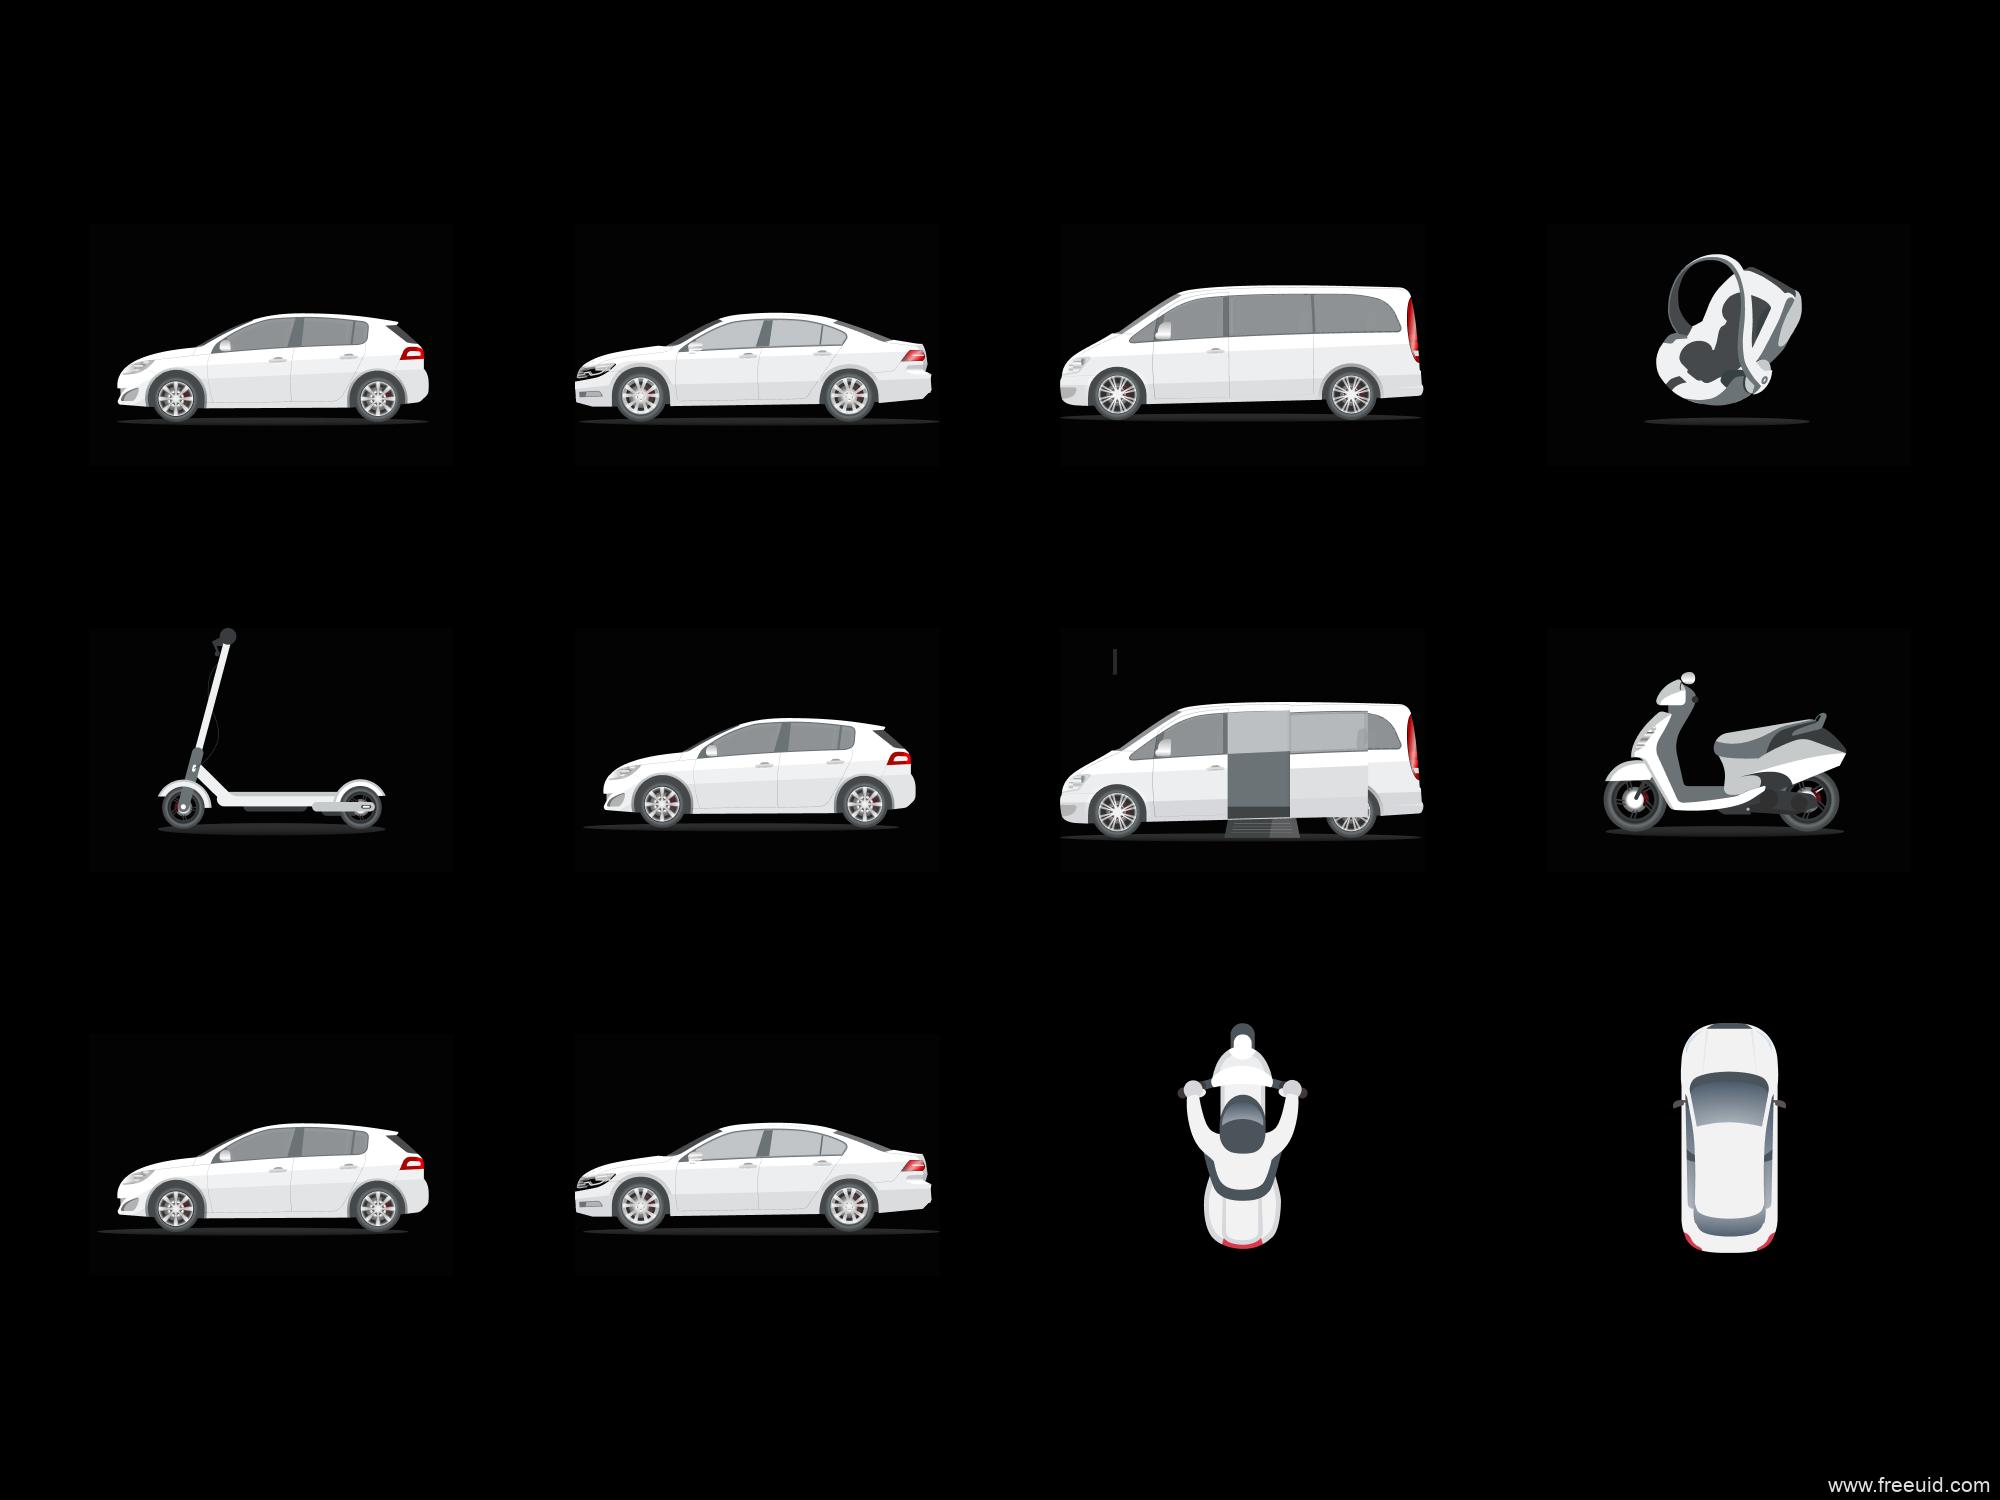 矢量汽车图标icon,免费figma源文件,适合打车类导航类应用